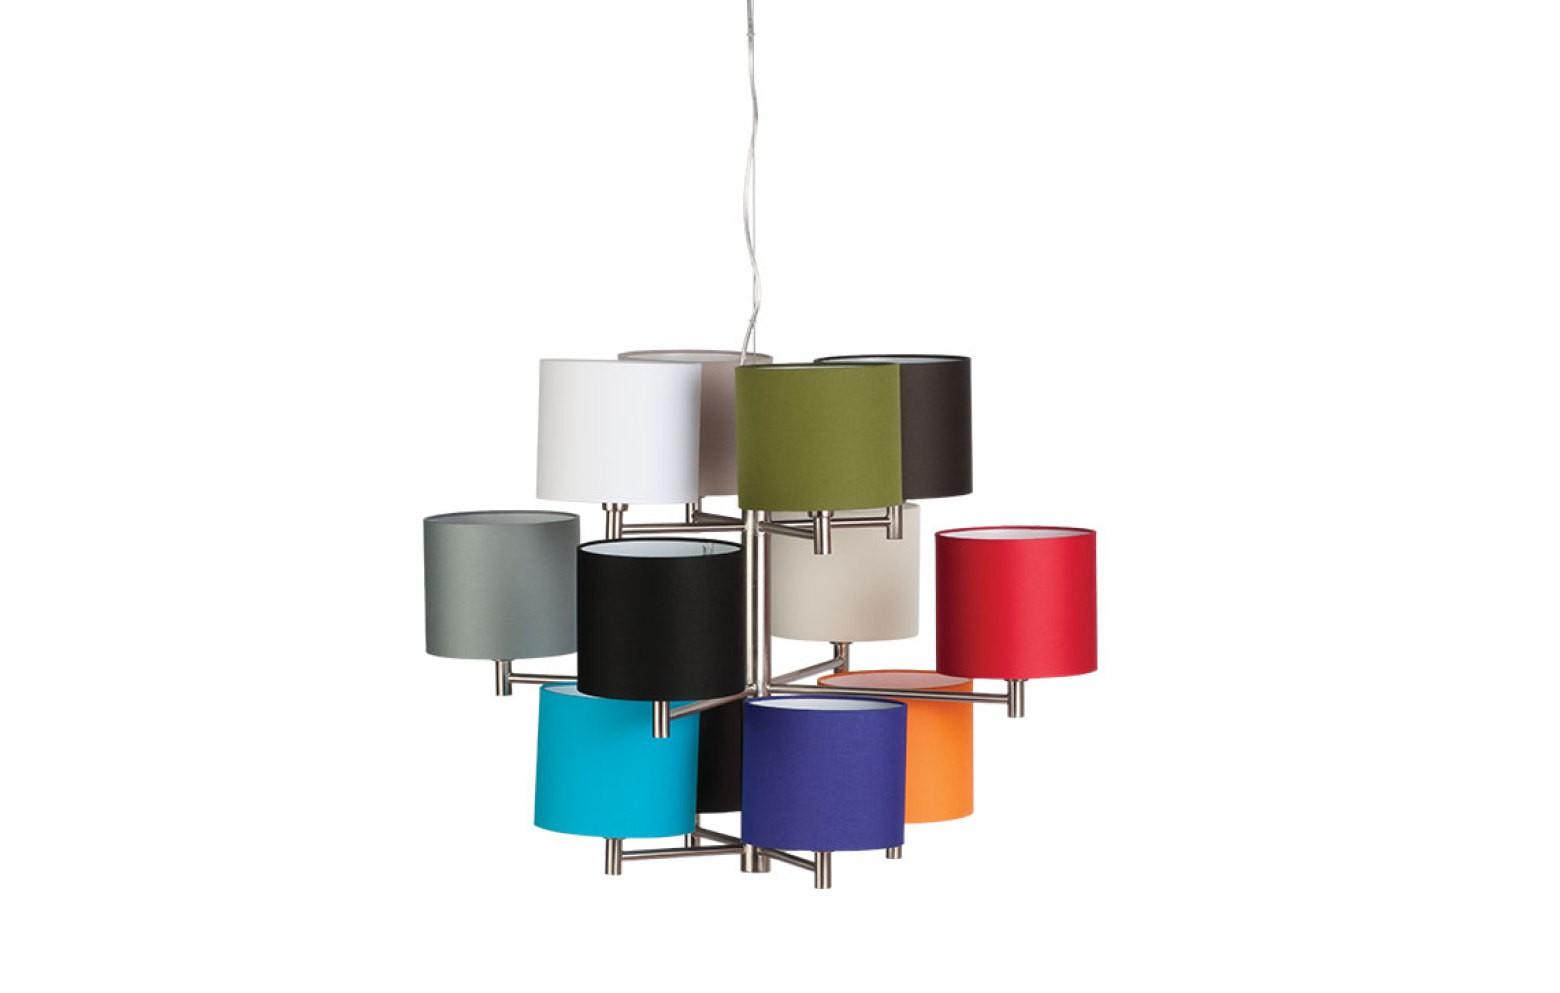 lampen outlet hannover art flg koinor sofa outlet. Black Bedroom Furniture Sets. Home Design Ideas